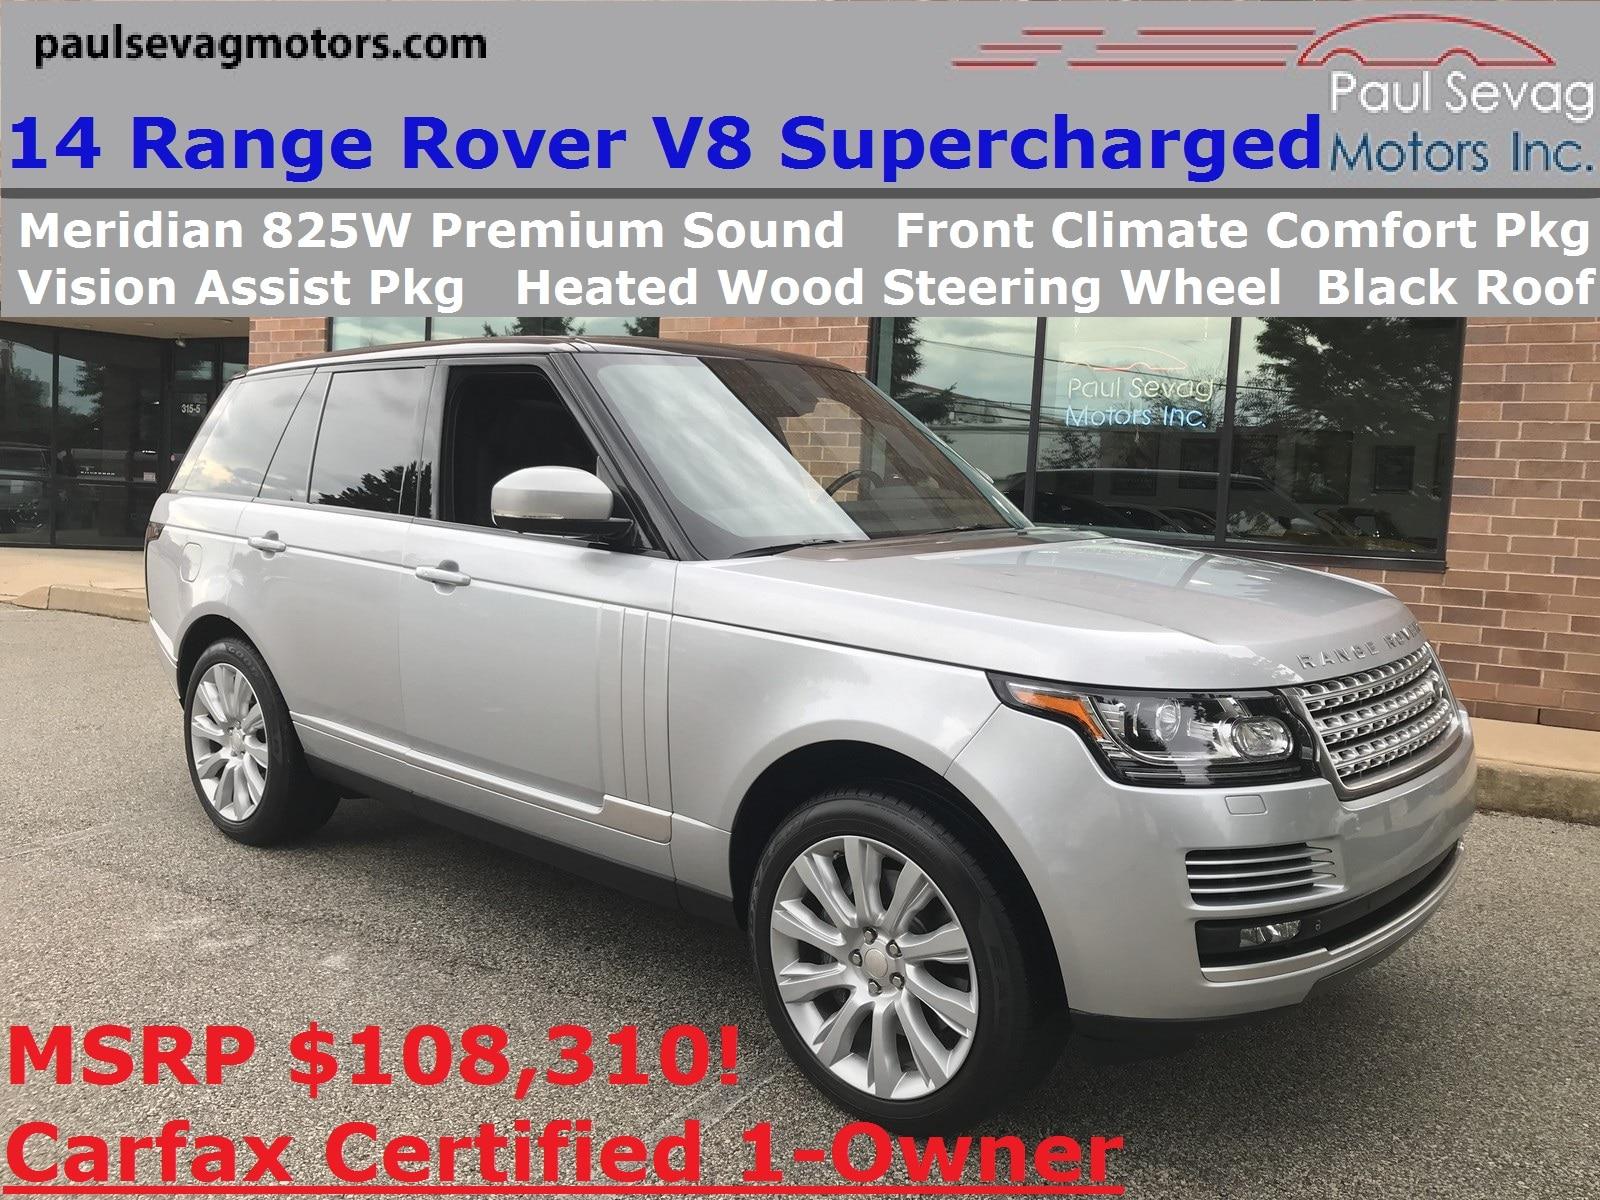 2014 Land Rover Range Rover 5.0L V8 Supercharged Vision Assist Pkg/Meridian 825W Audio/MSRP $108,31